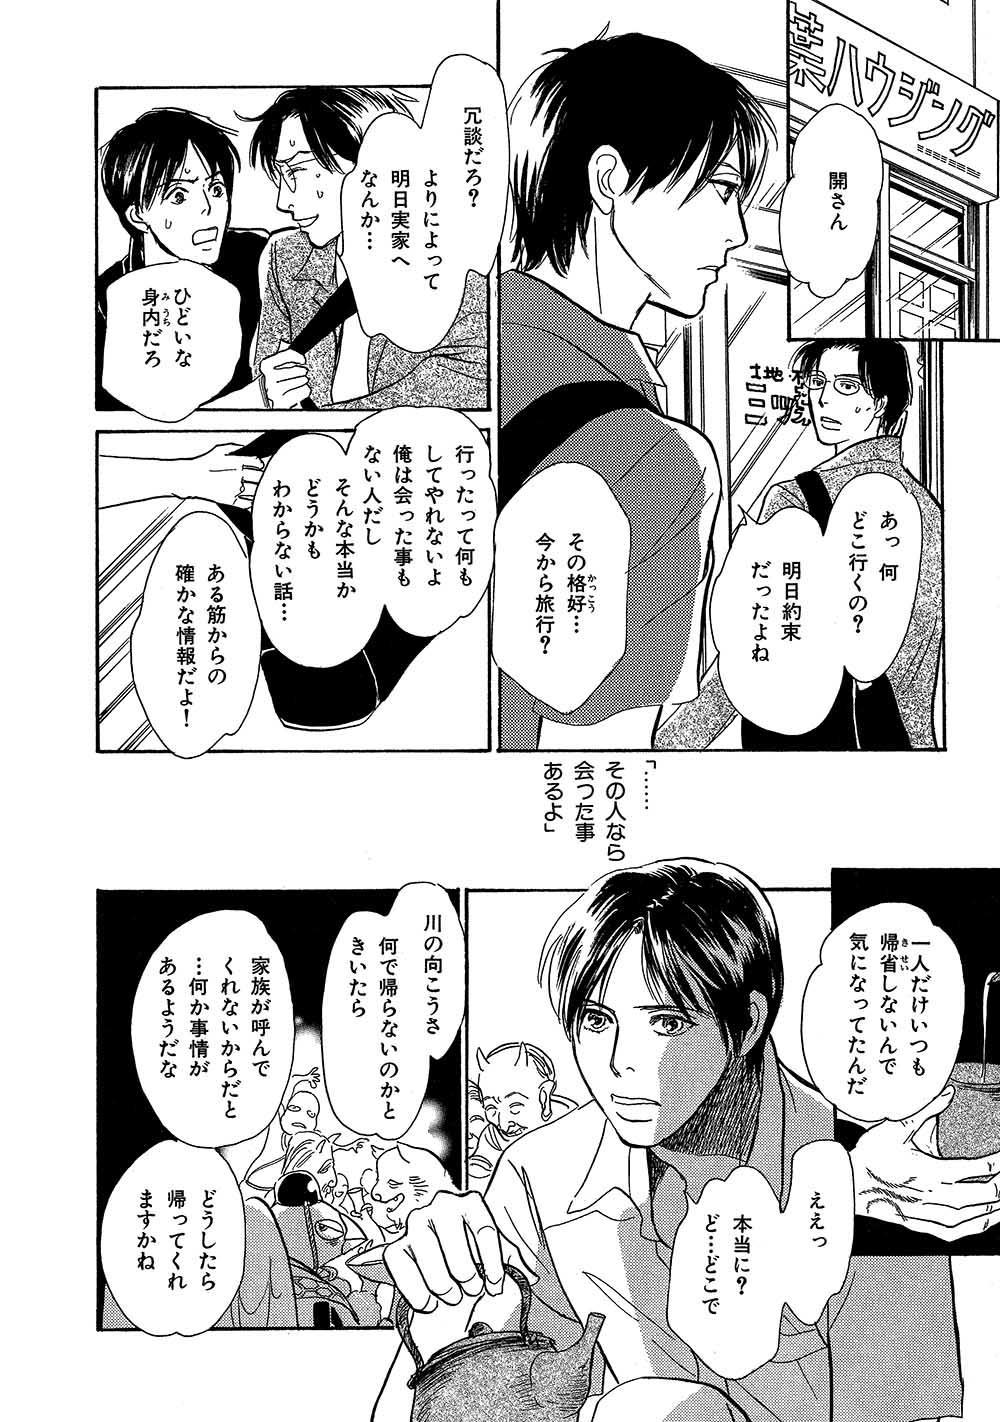 hyakki_0016_0086.jpg